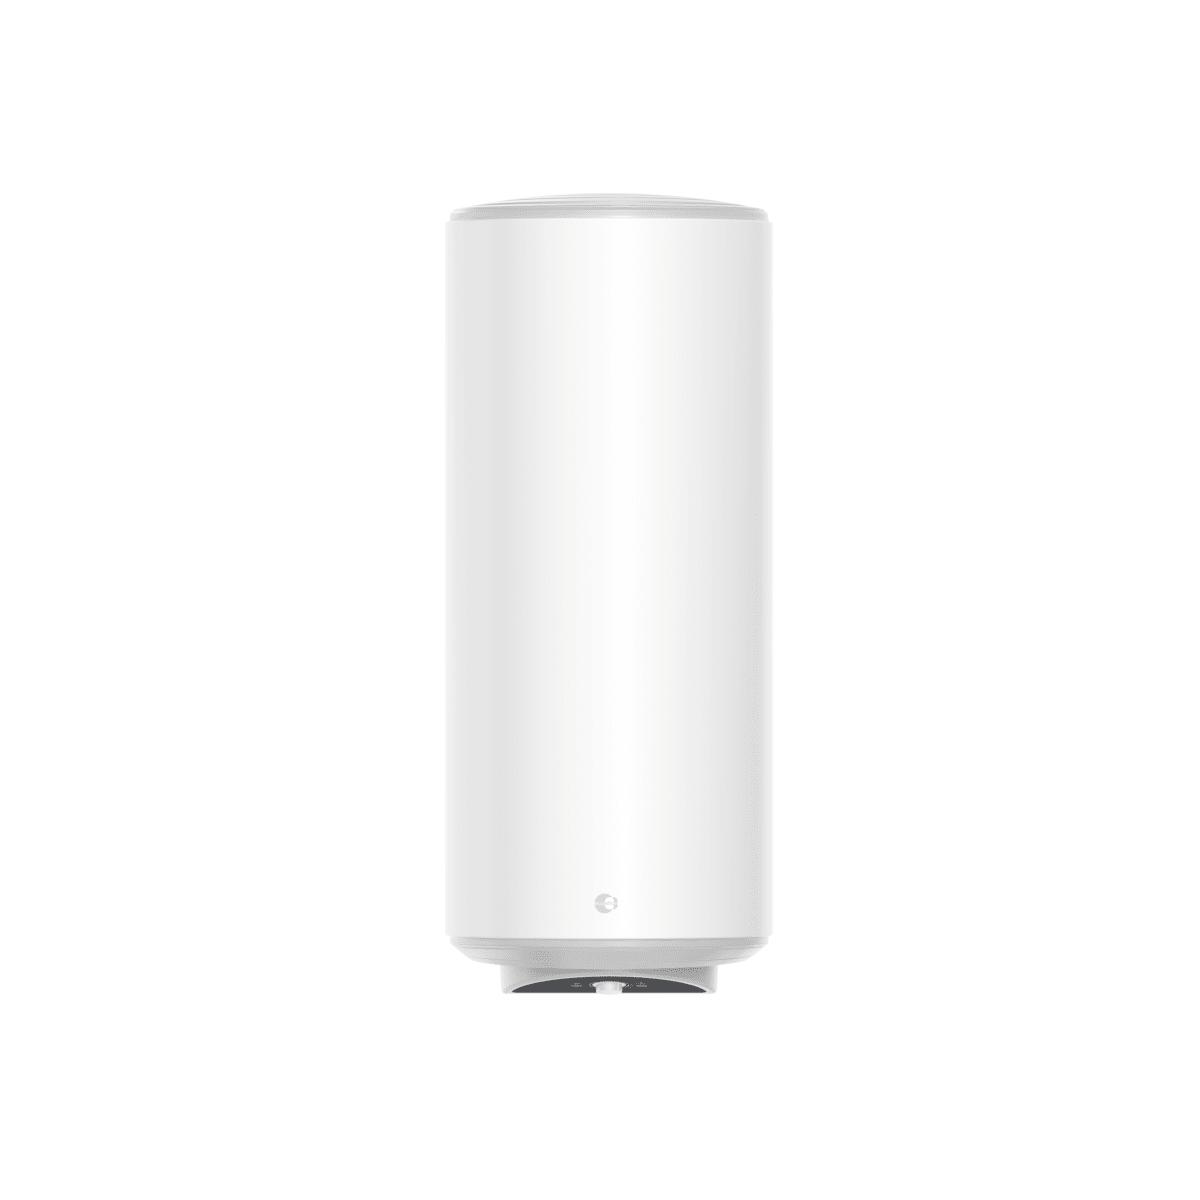 Электроводонагреватель накопительный Equation-150 вертикальный, 150 л, эмаль